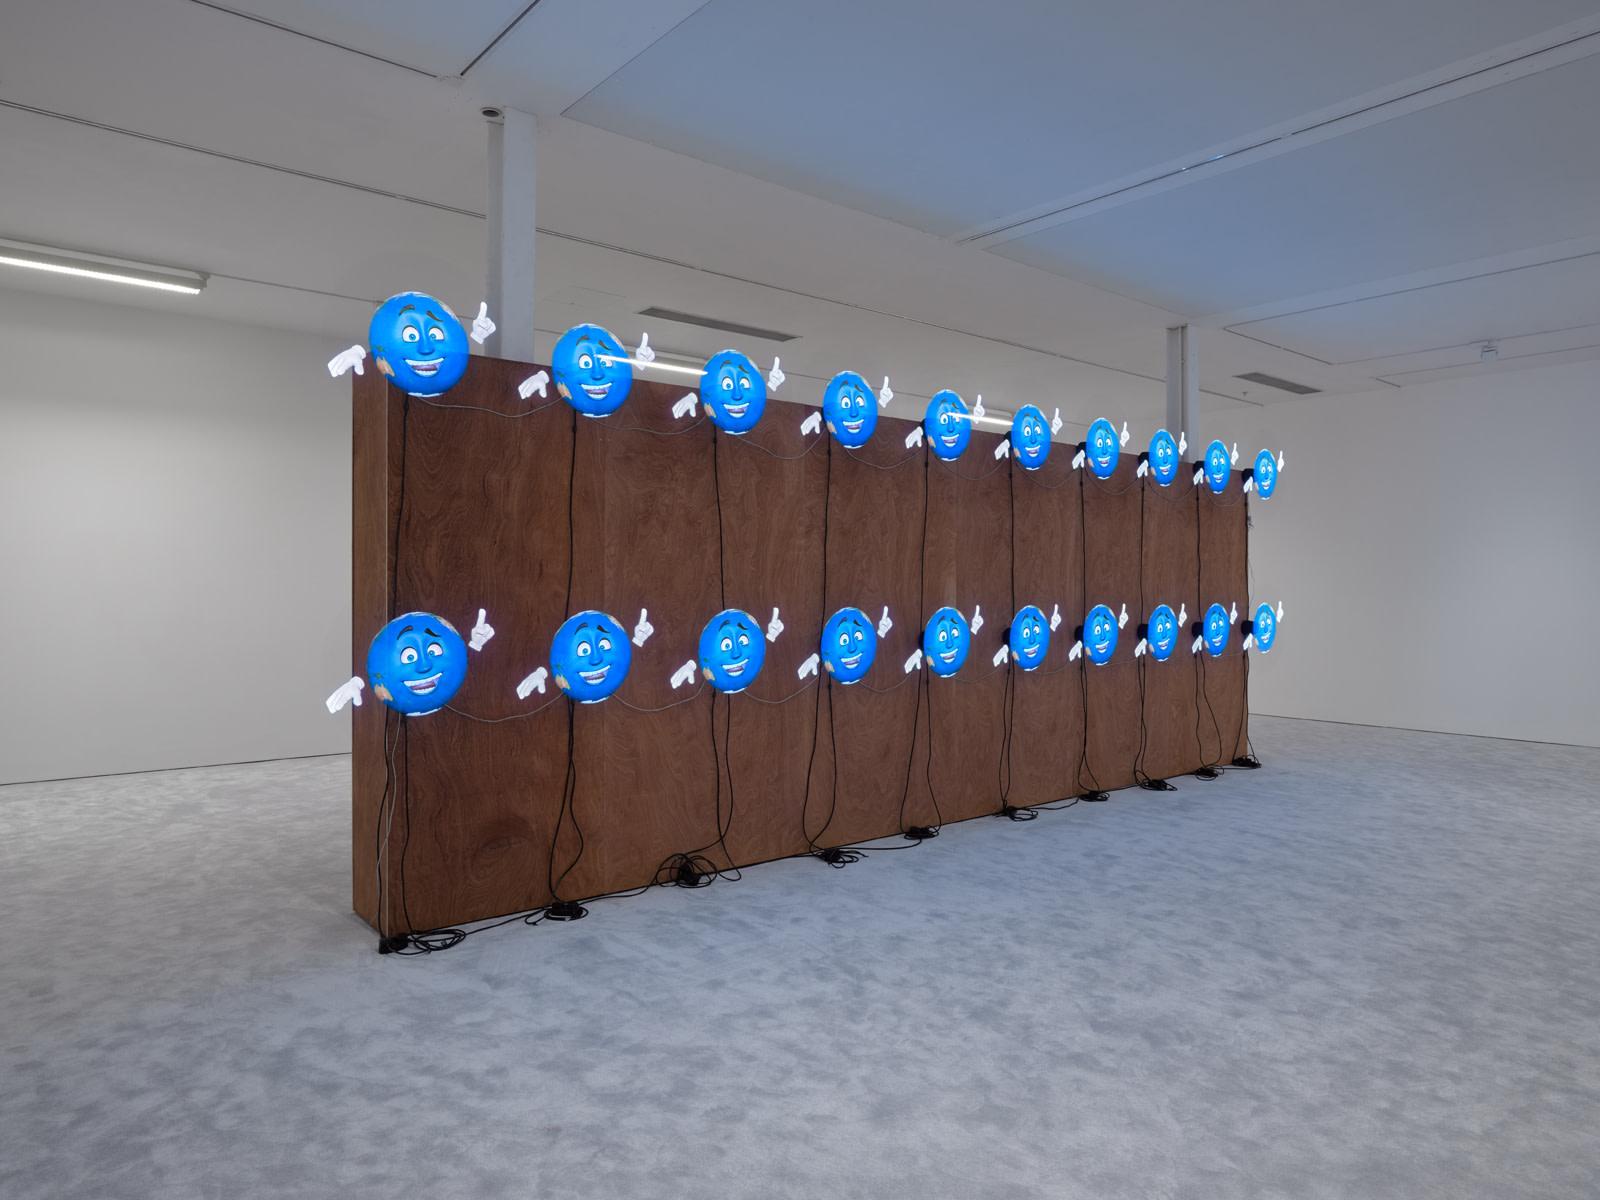 """<div class=""""artwork_caption""""><p><em>ARTISTS FRIENDS RACISTS</em>, 2020</p><p>20 3-D Holographic fans</p></div>"""